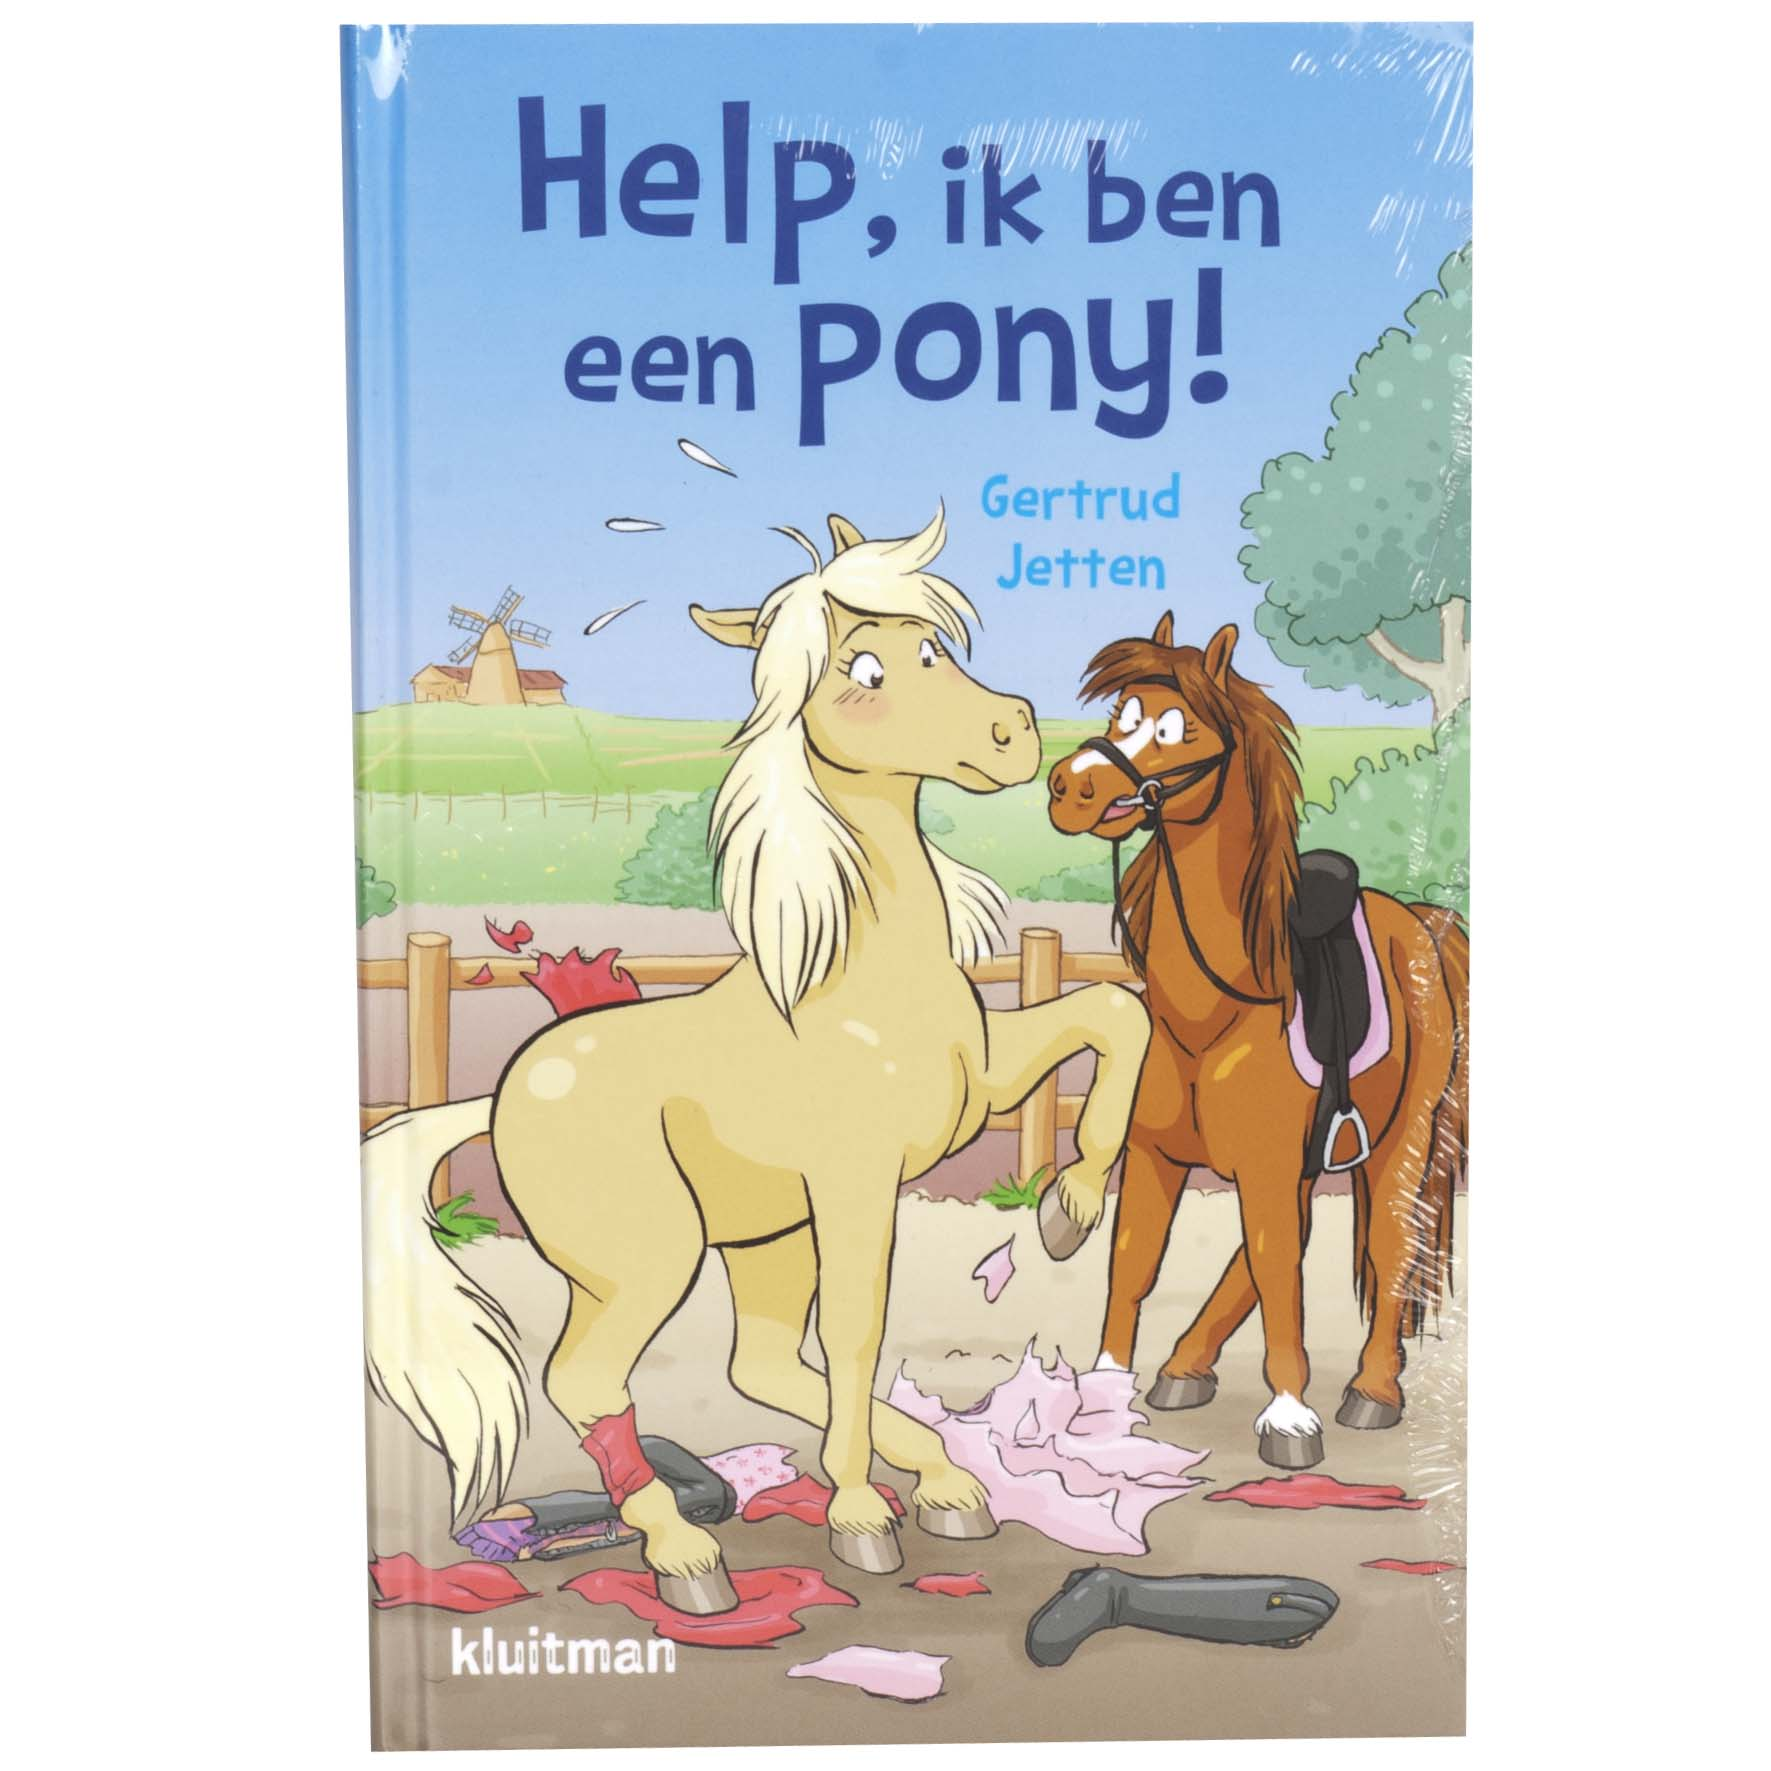 Help, ik ben een pony